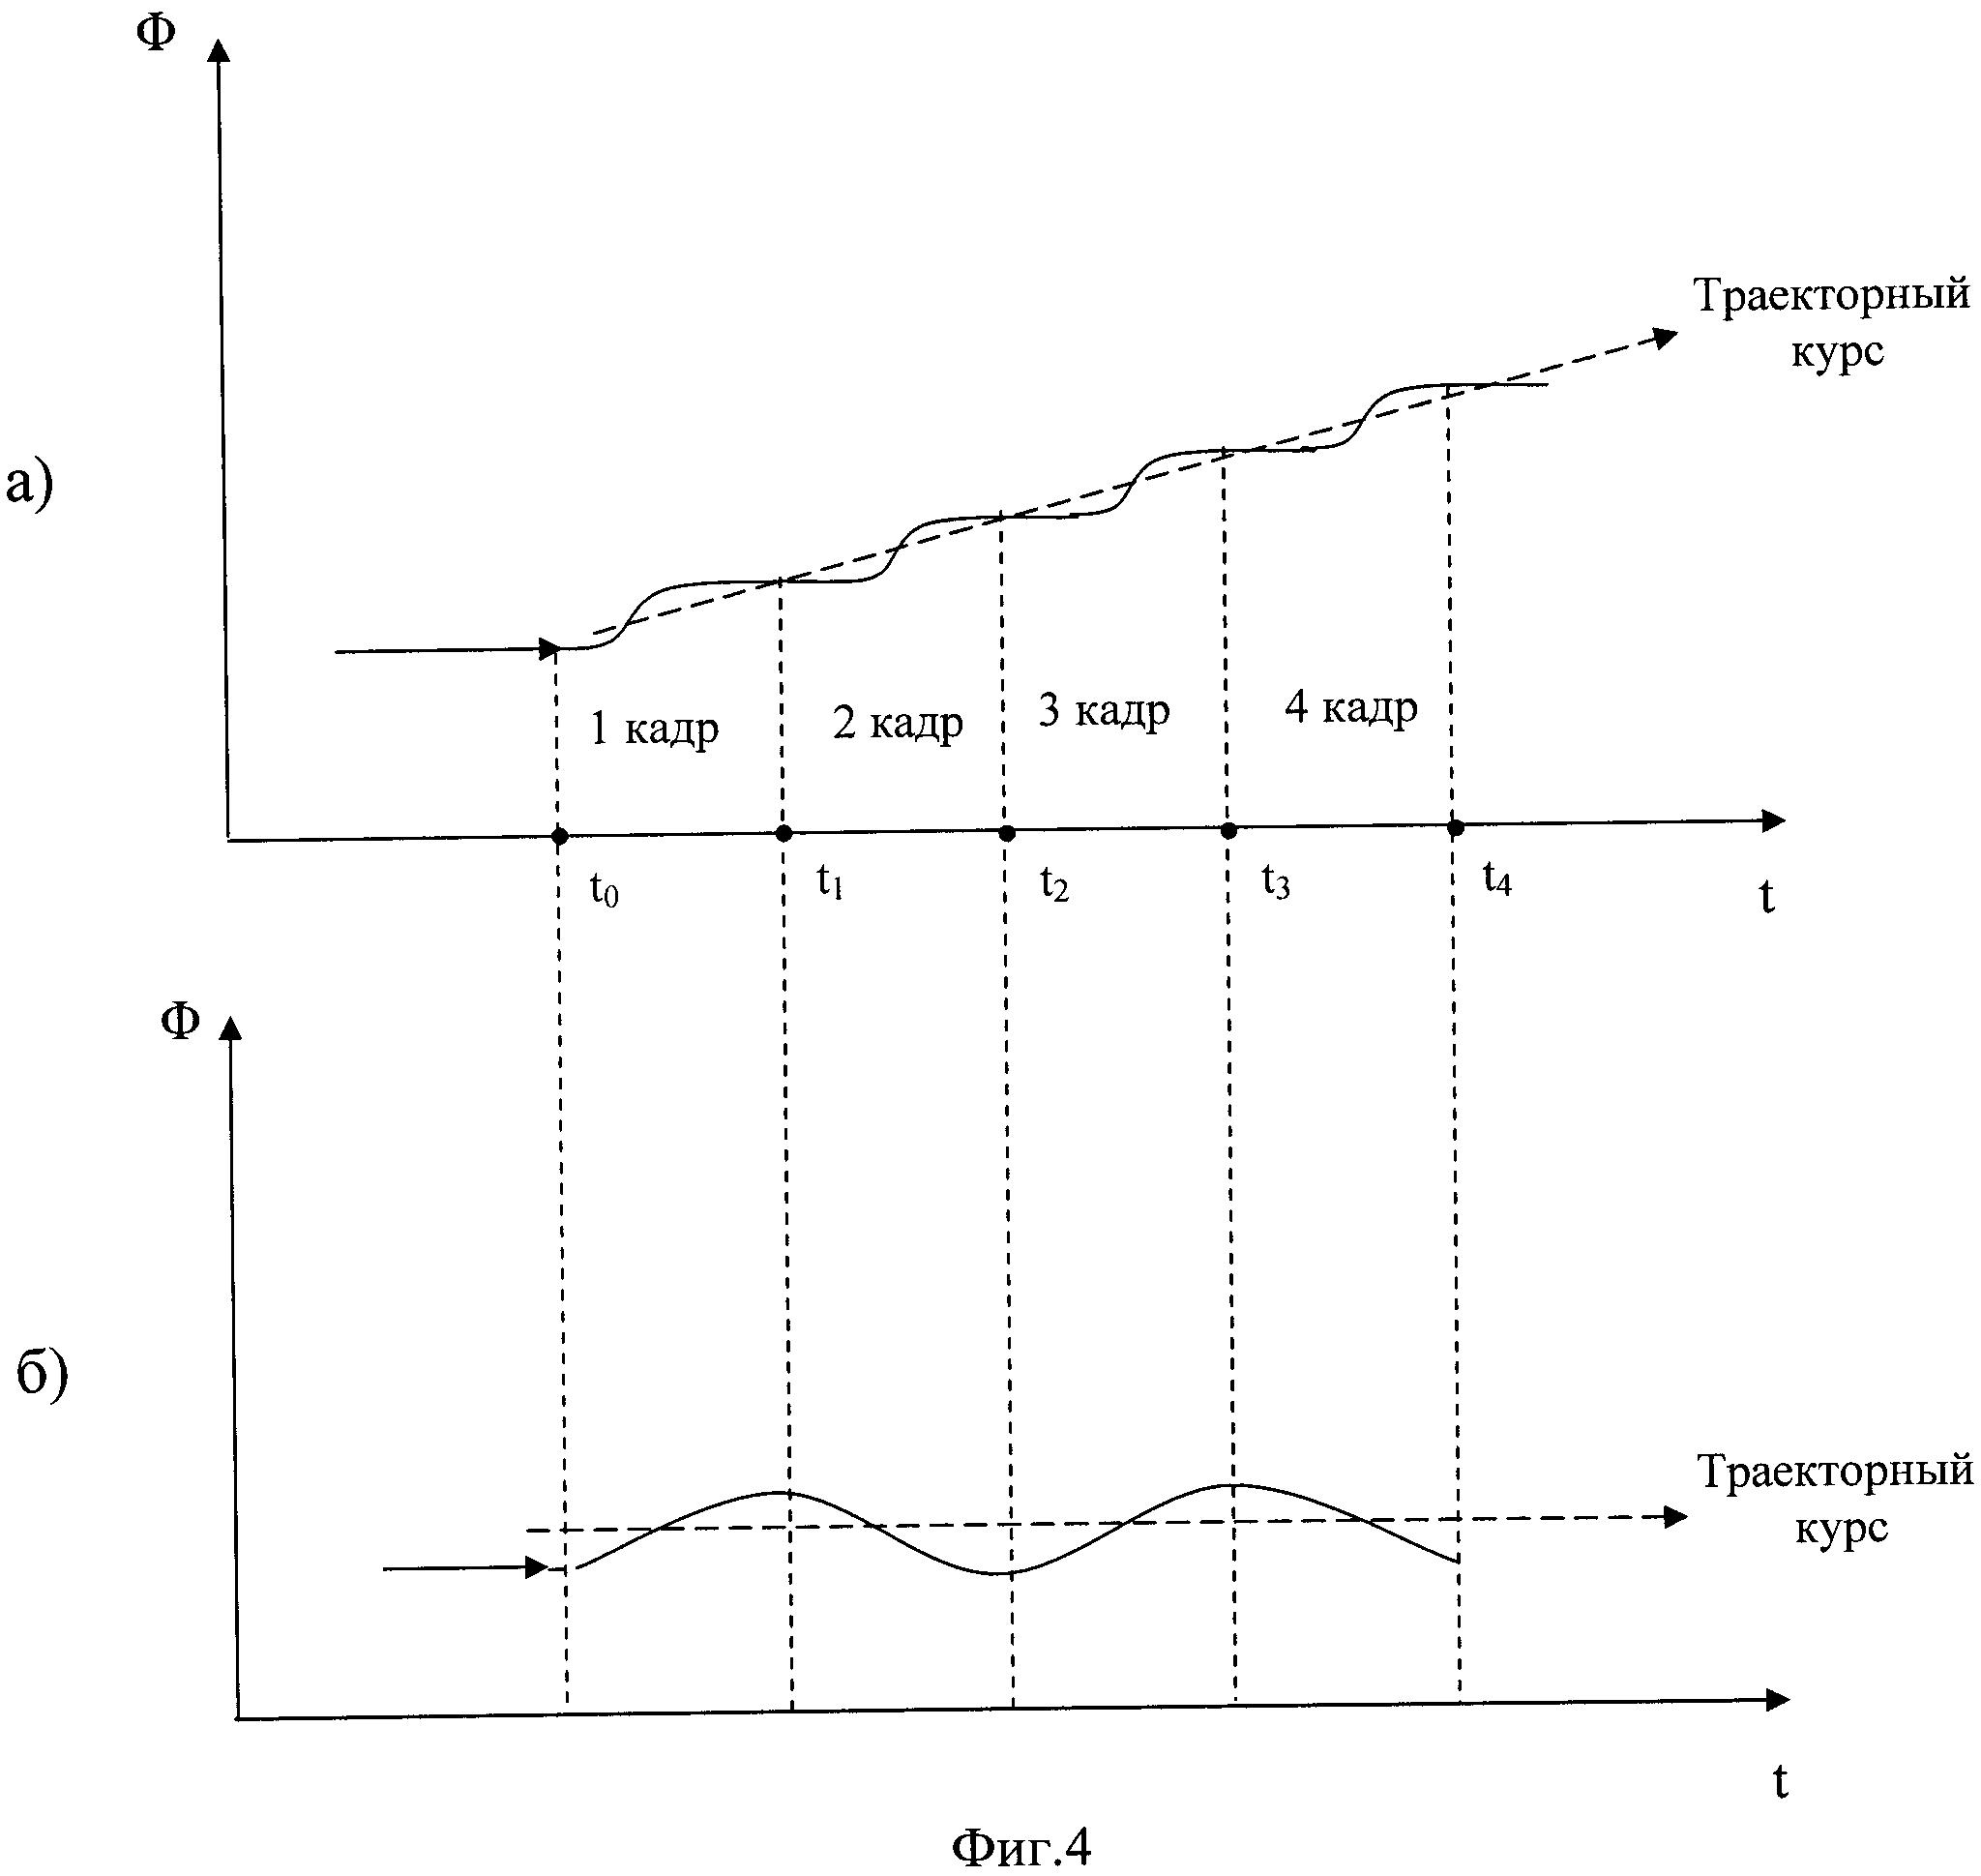 Способ картографирования земной поверхности бортовой радиолокационной станцией